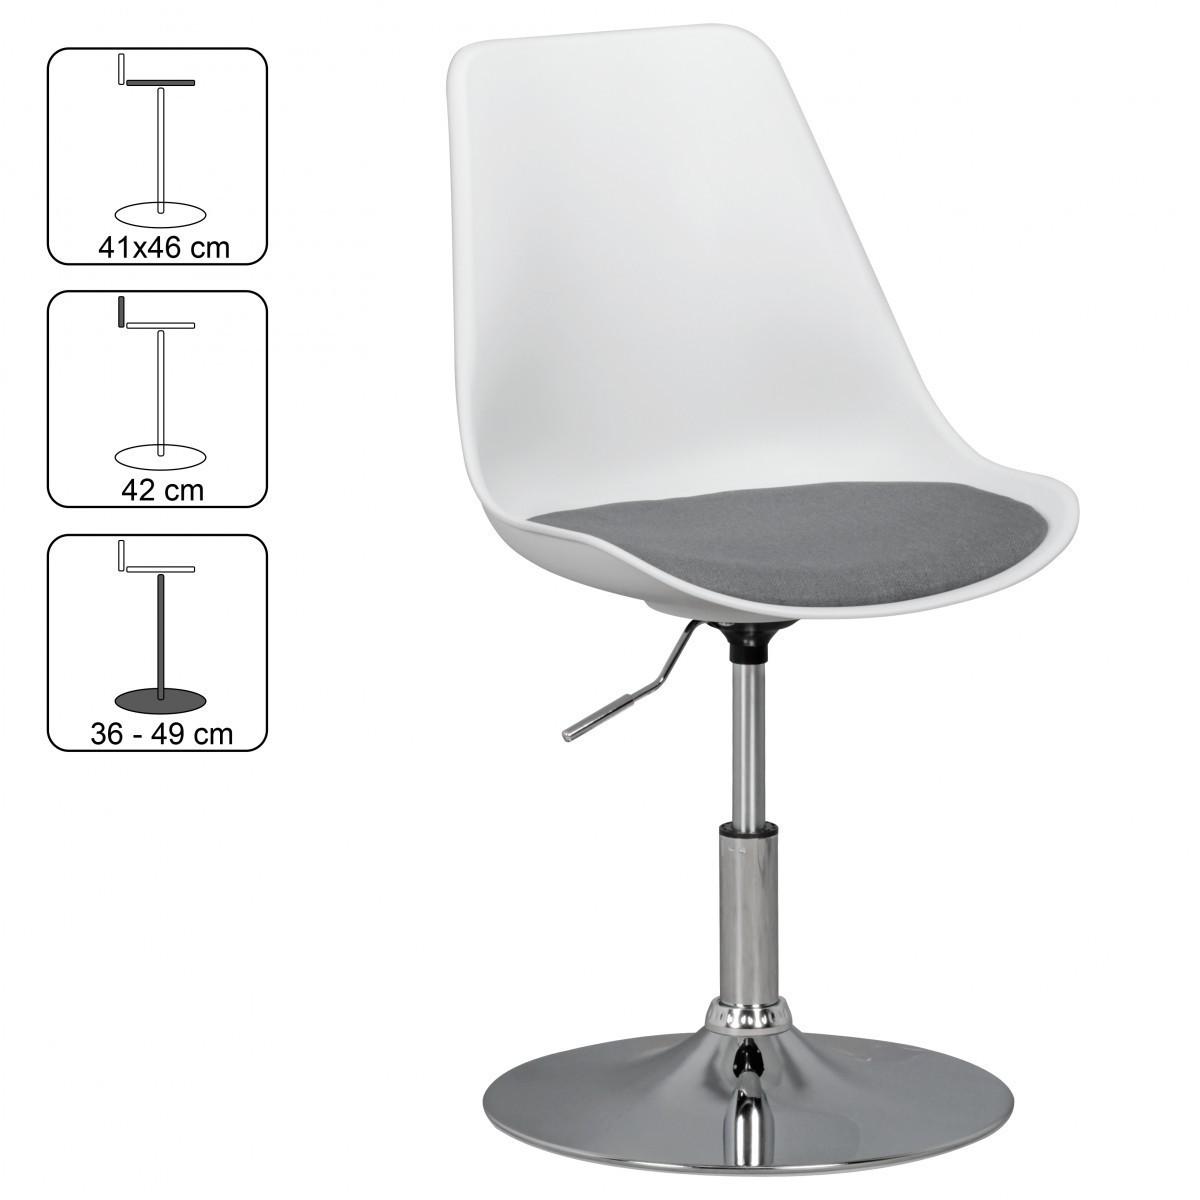 Bild 2 von AMSTYLE KORSIKA | Drehsessel Esszimmerstuhl Weiß/Grau | Drehstuhl höhenverstellbar | Drehhocker Wart